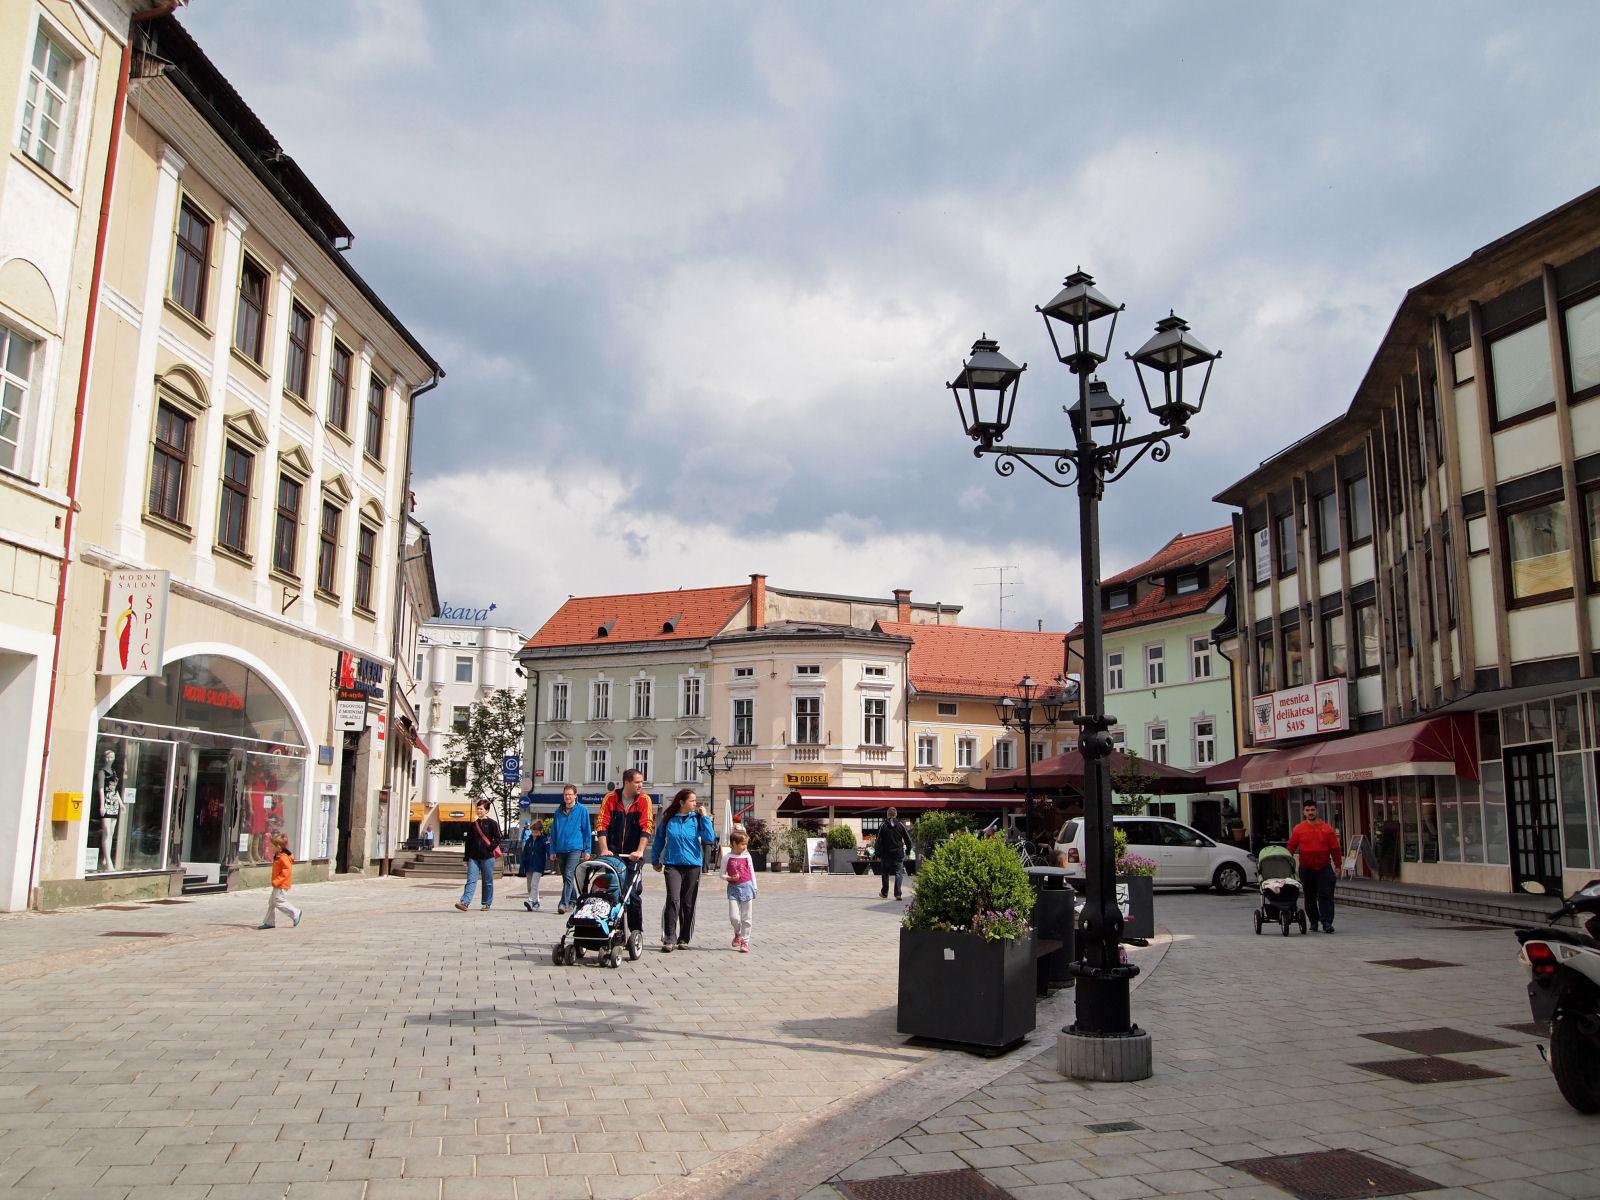 Maister square in Kranj, Slovenia